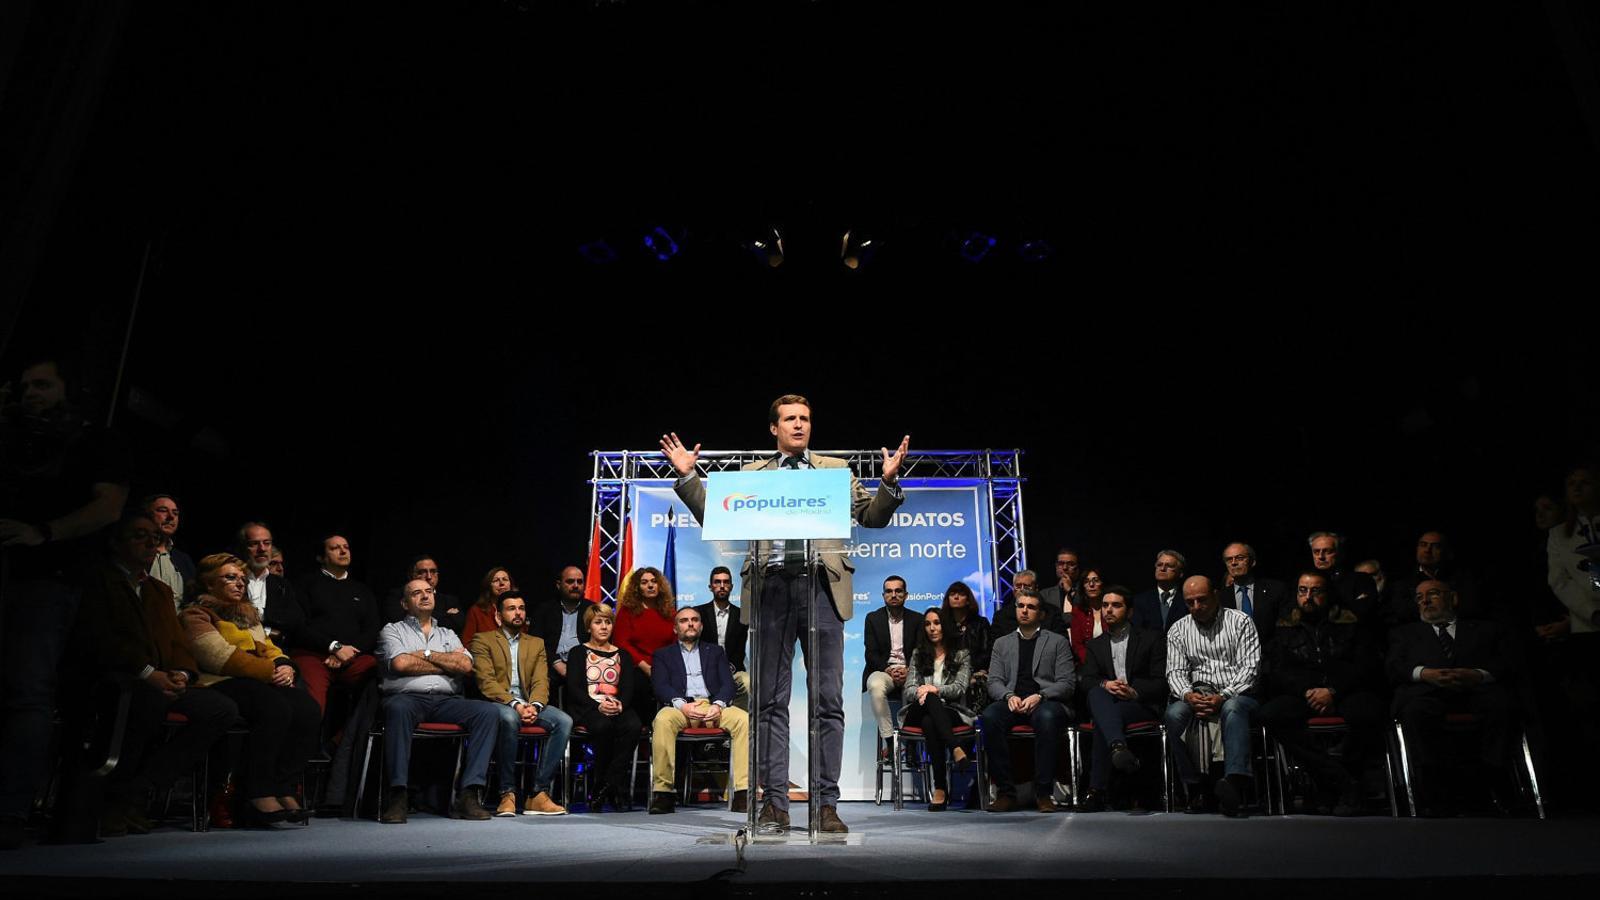 El president dels populars, Pablo Casado, durant l'acte electoral que va fer ahir a Torrelaguna, a la Comunitat de Madrid.